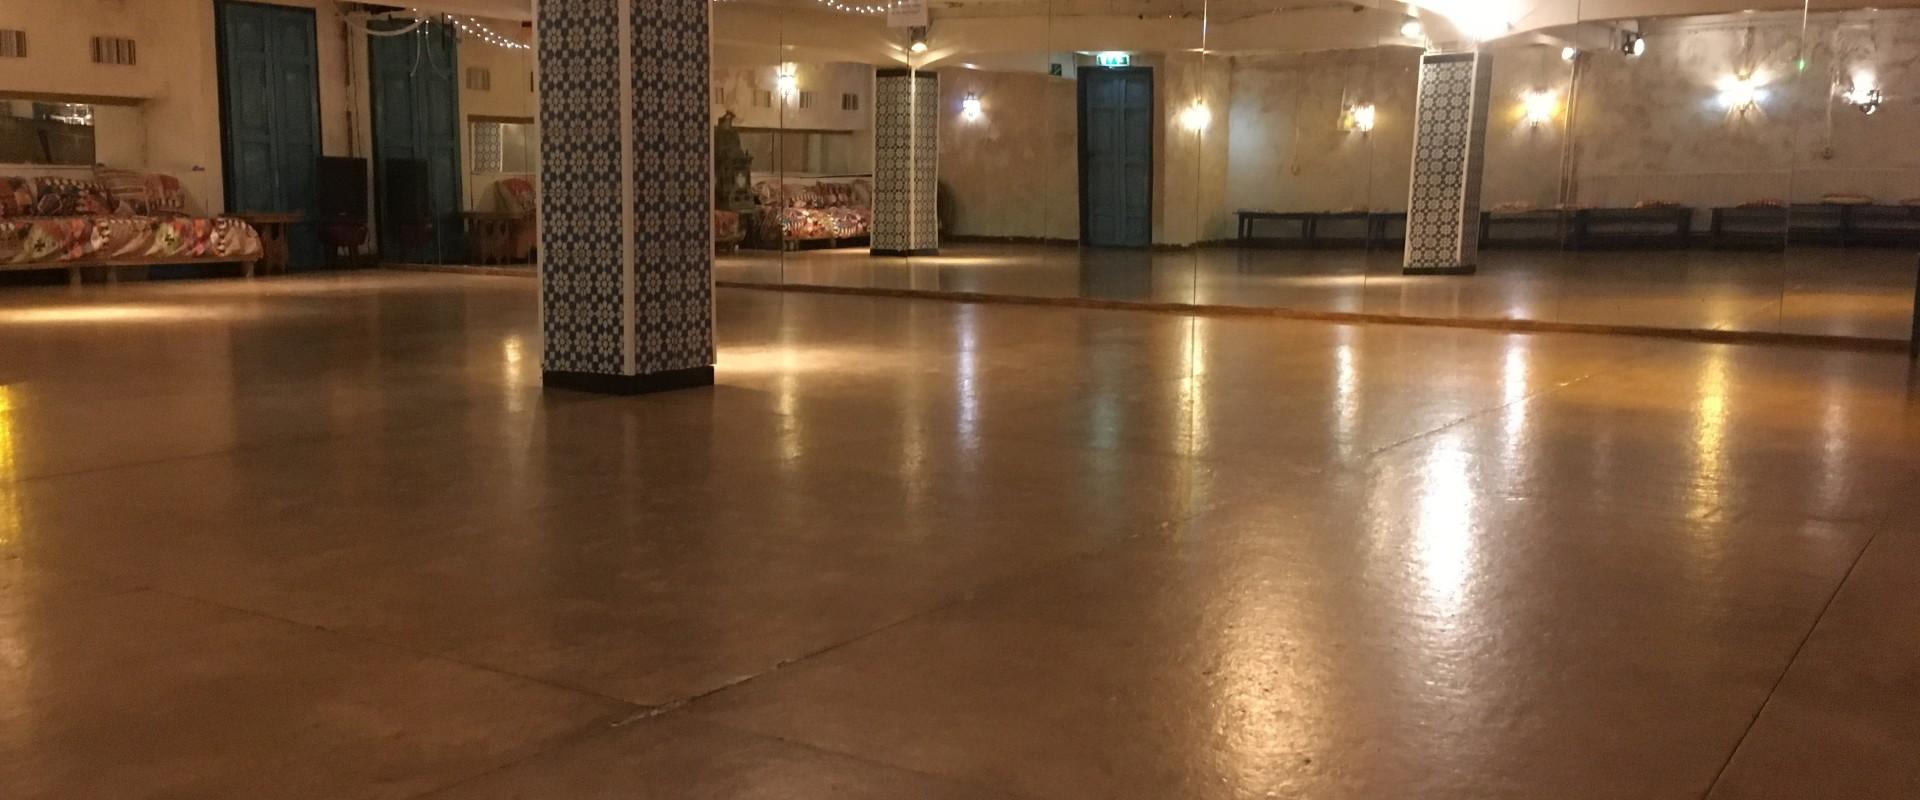 Een nieuwe studio voor de buikdansles in Utrecht